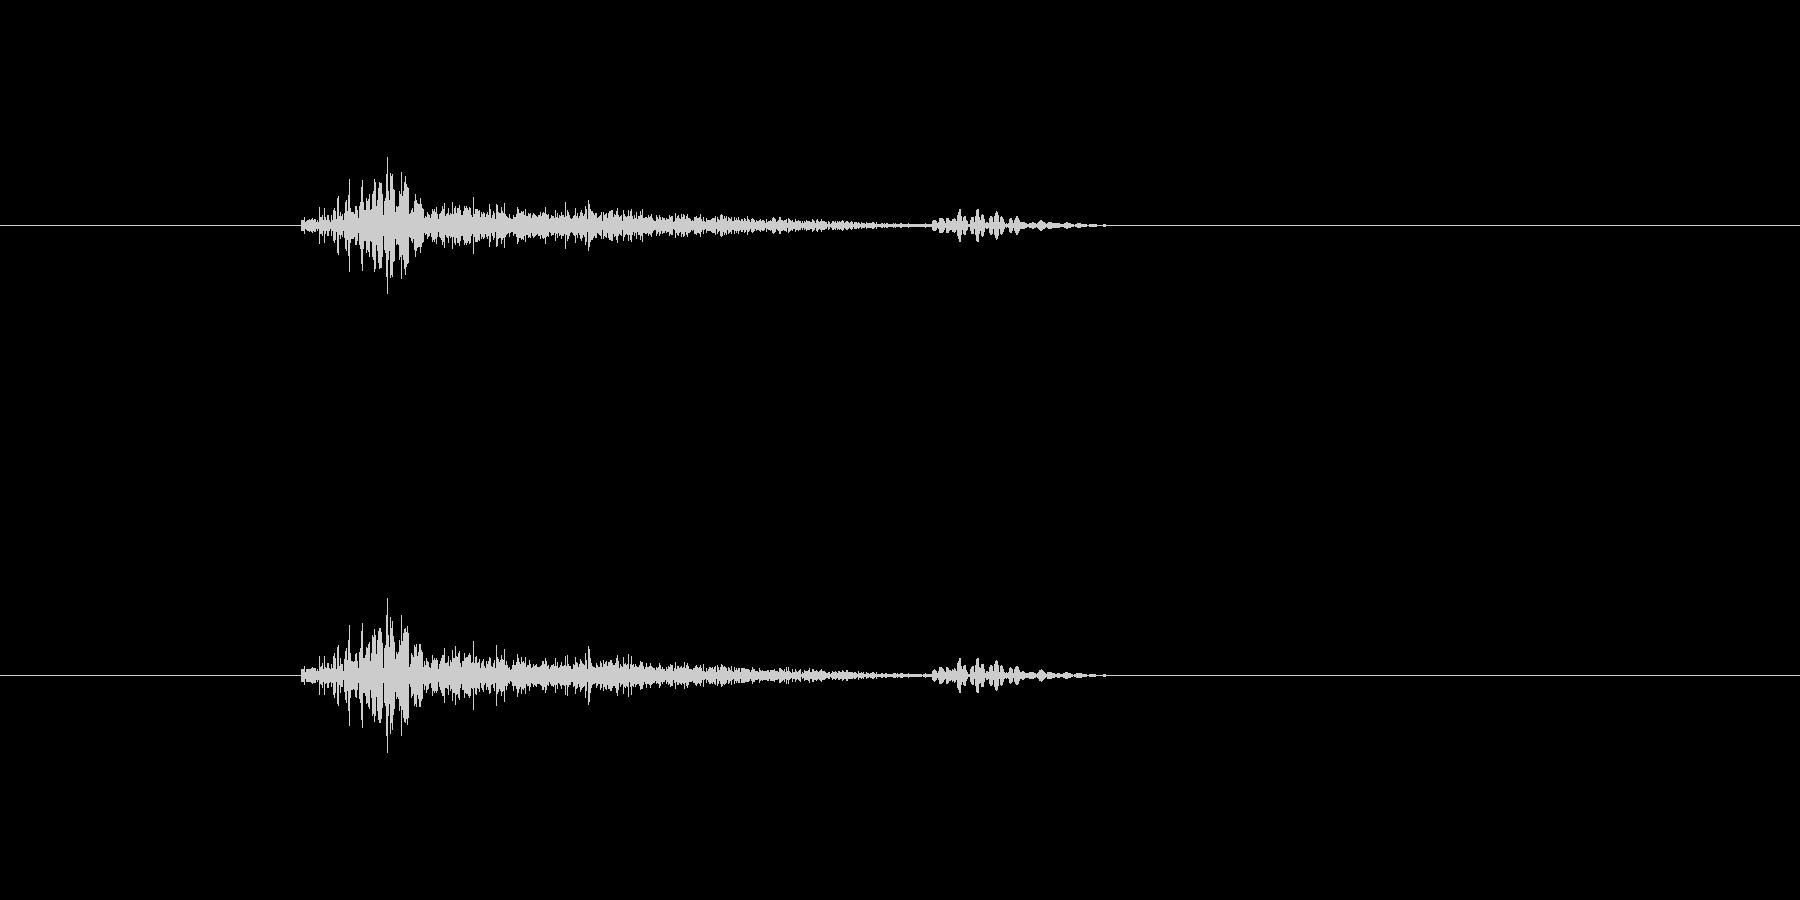 鳴き声 男性の咳を抑えた02の未再生の波形